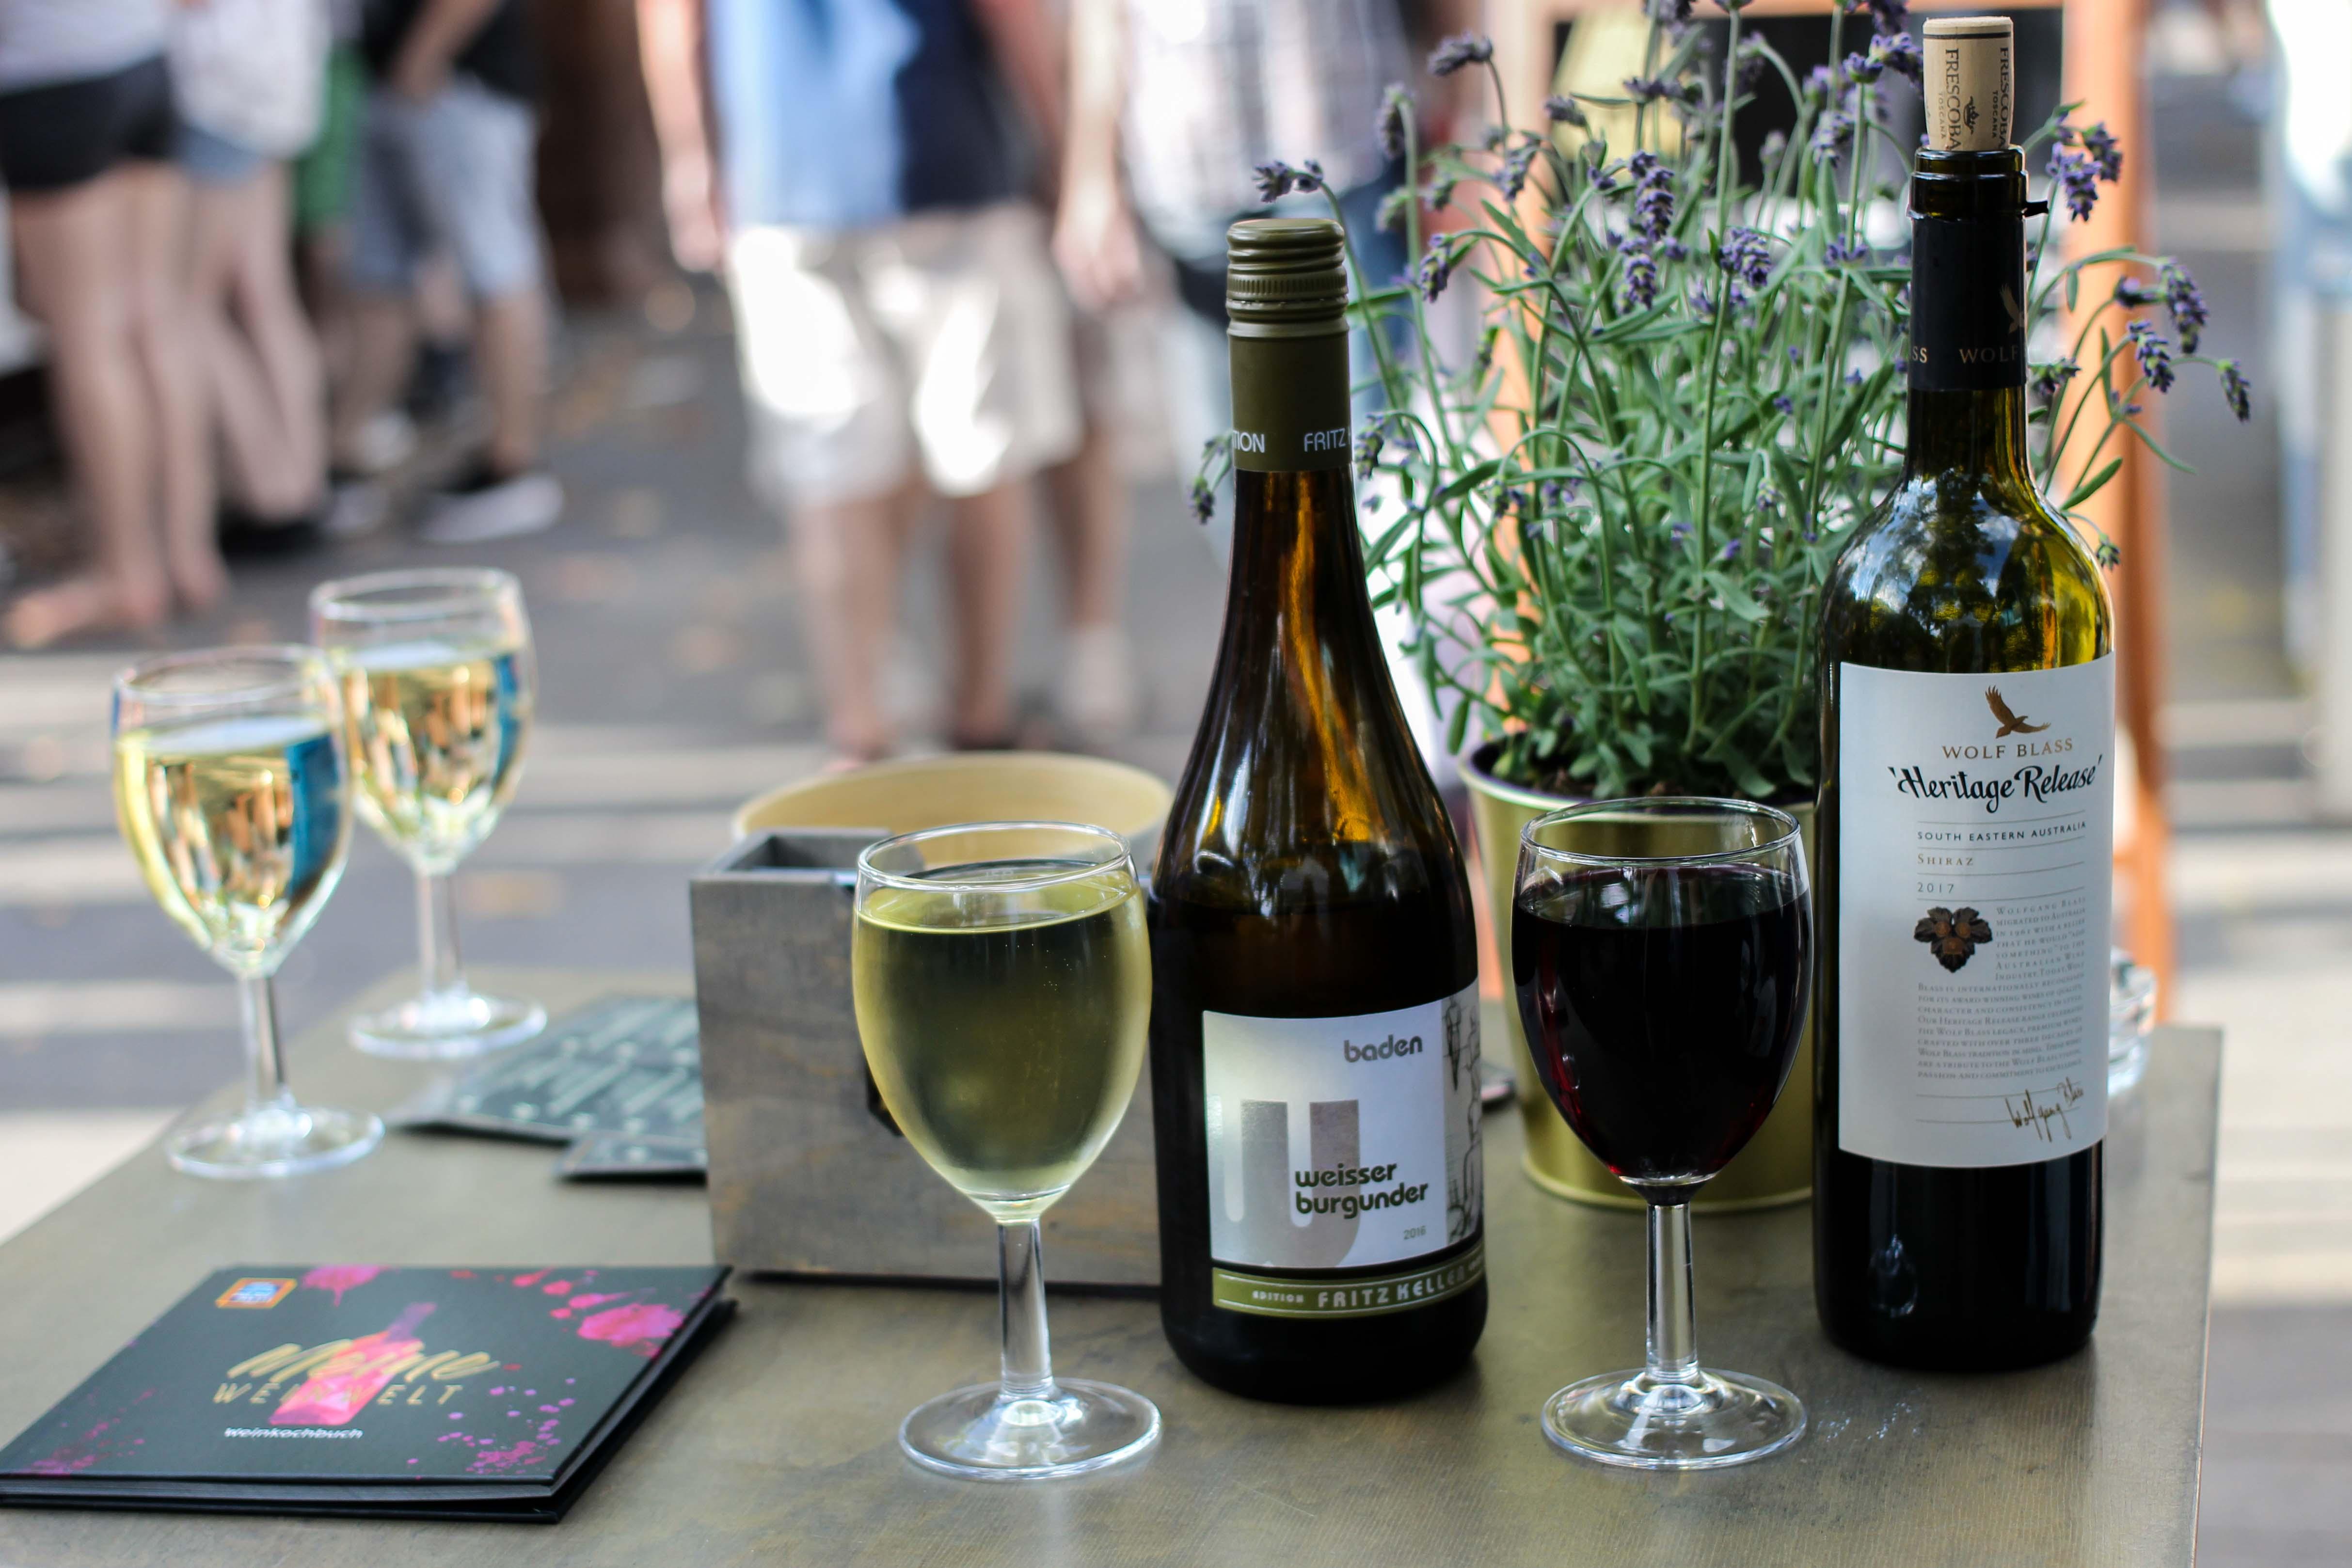 Aldi Süd Wein Tour Weinprobe Wein Truck Rheinuferfest Köln Weißwein weisser burgunder Fritz Keller Rotwein Shiraz Australien Stadtfest